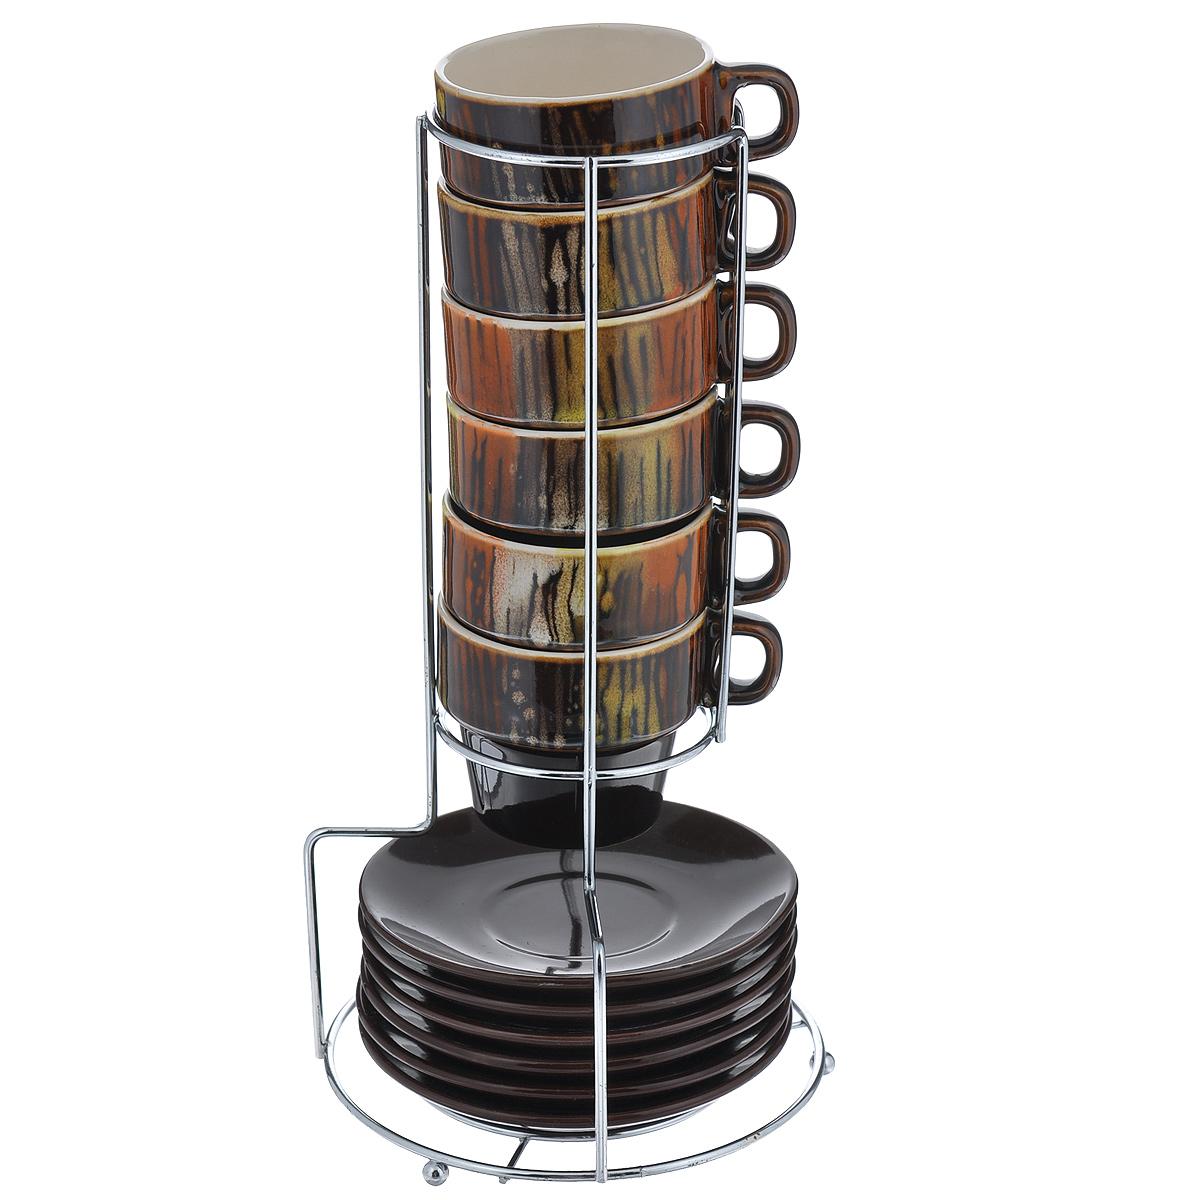 Набор кофейный Bekker Koch, цвет: коричневый, 13 предметов. 6807Аксион Т-33Набор кофейный Bekker Koch изготовлен из жаропрочной керамики. В набор входит: шесть чашек, шесть блюдец и одна подставка.Оригинальная подставка изготовлена из металла . Кофейный набор на подставке не займет много места. Набор кофейный Bekker Koch украсит ваш праздничный стол и порадует вас и ваших гостей необычным дизайном и изящными формами. Набор станет чудесным подарком к любому случаю.Можно мыть в посудомоечной машине. Диаметр чашки: 6,5 см. Высота чашки: 6 см. Диаметр блюдца: 11 см. Объем чашки: 90 мл. Размер подставки: 7,5 см х 13 см х 26,5 см.